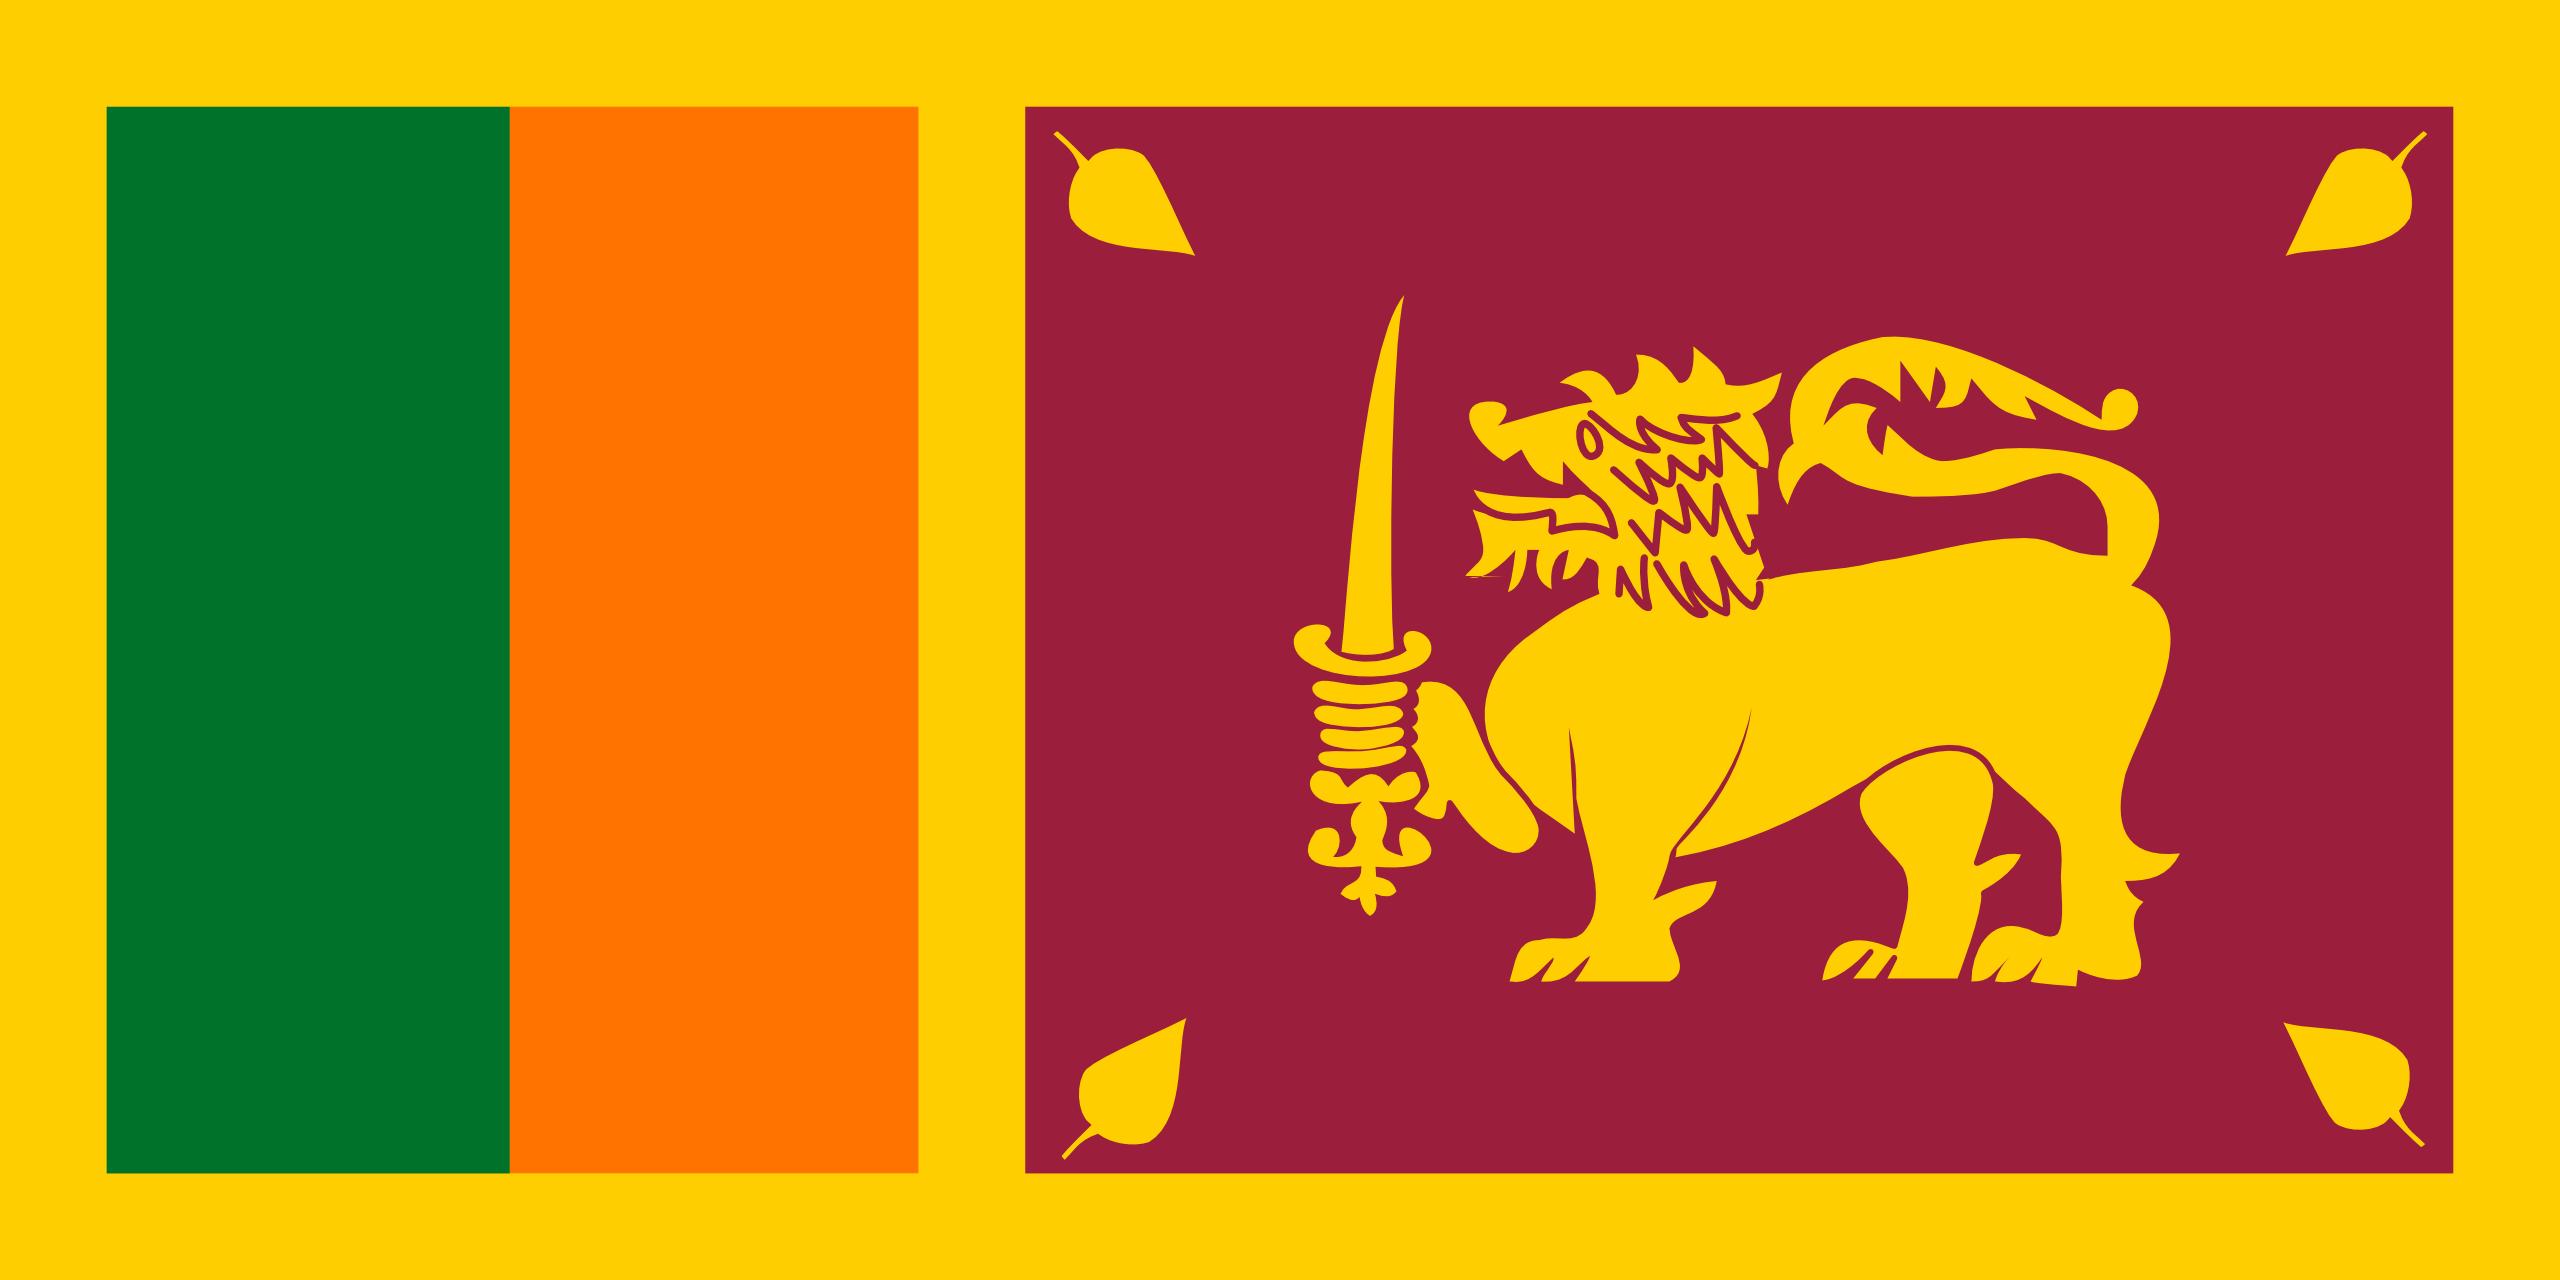 sri lanka, país, emblema, insignia, símbolo - Fondos de Pantalla HD - professor-falken.com